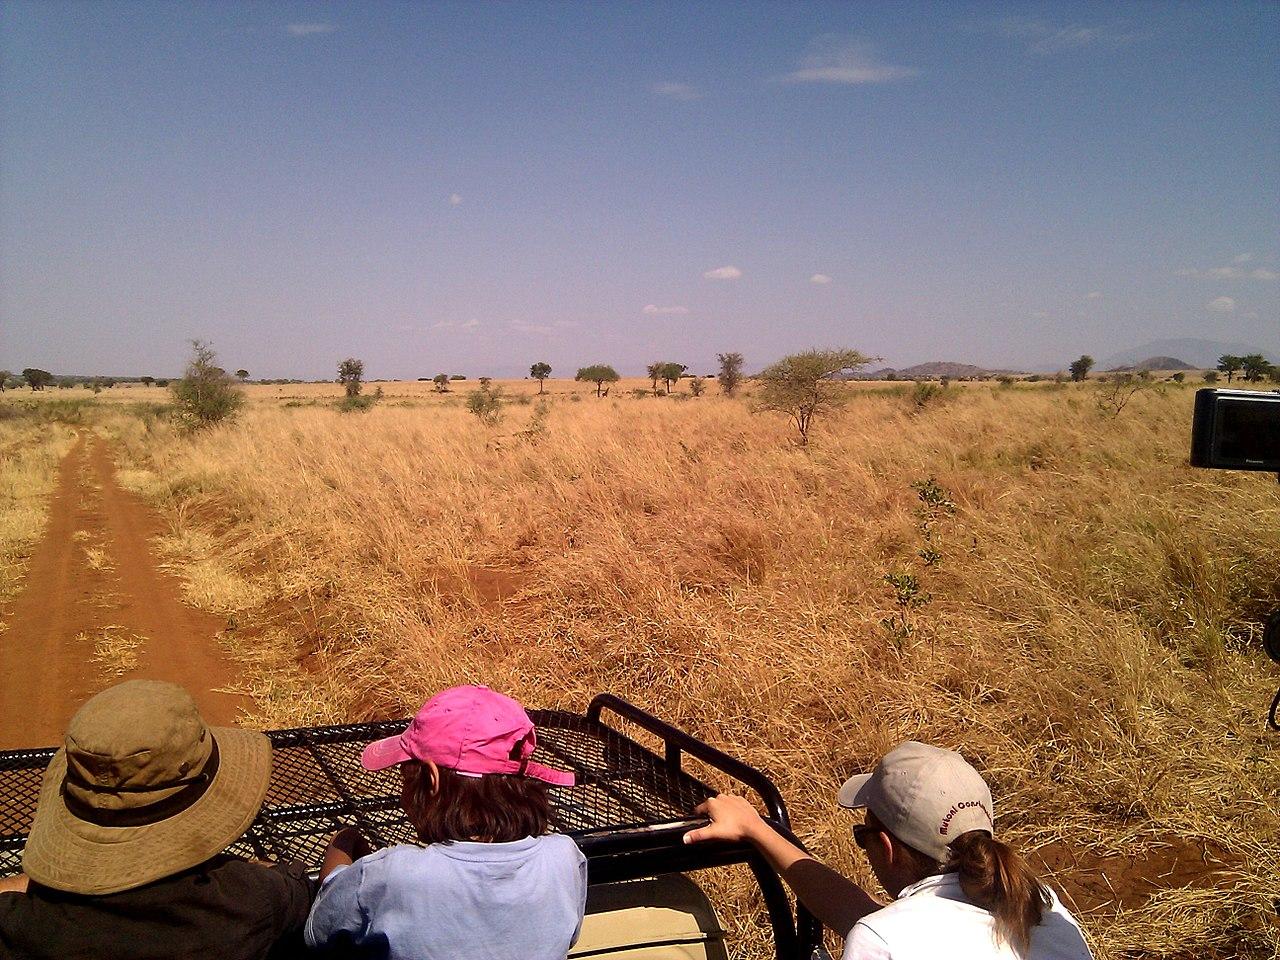 Aree protette ugandesi: Parco Nazionale Kidepo Valley di grande fascino per la sua remota posizione.